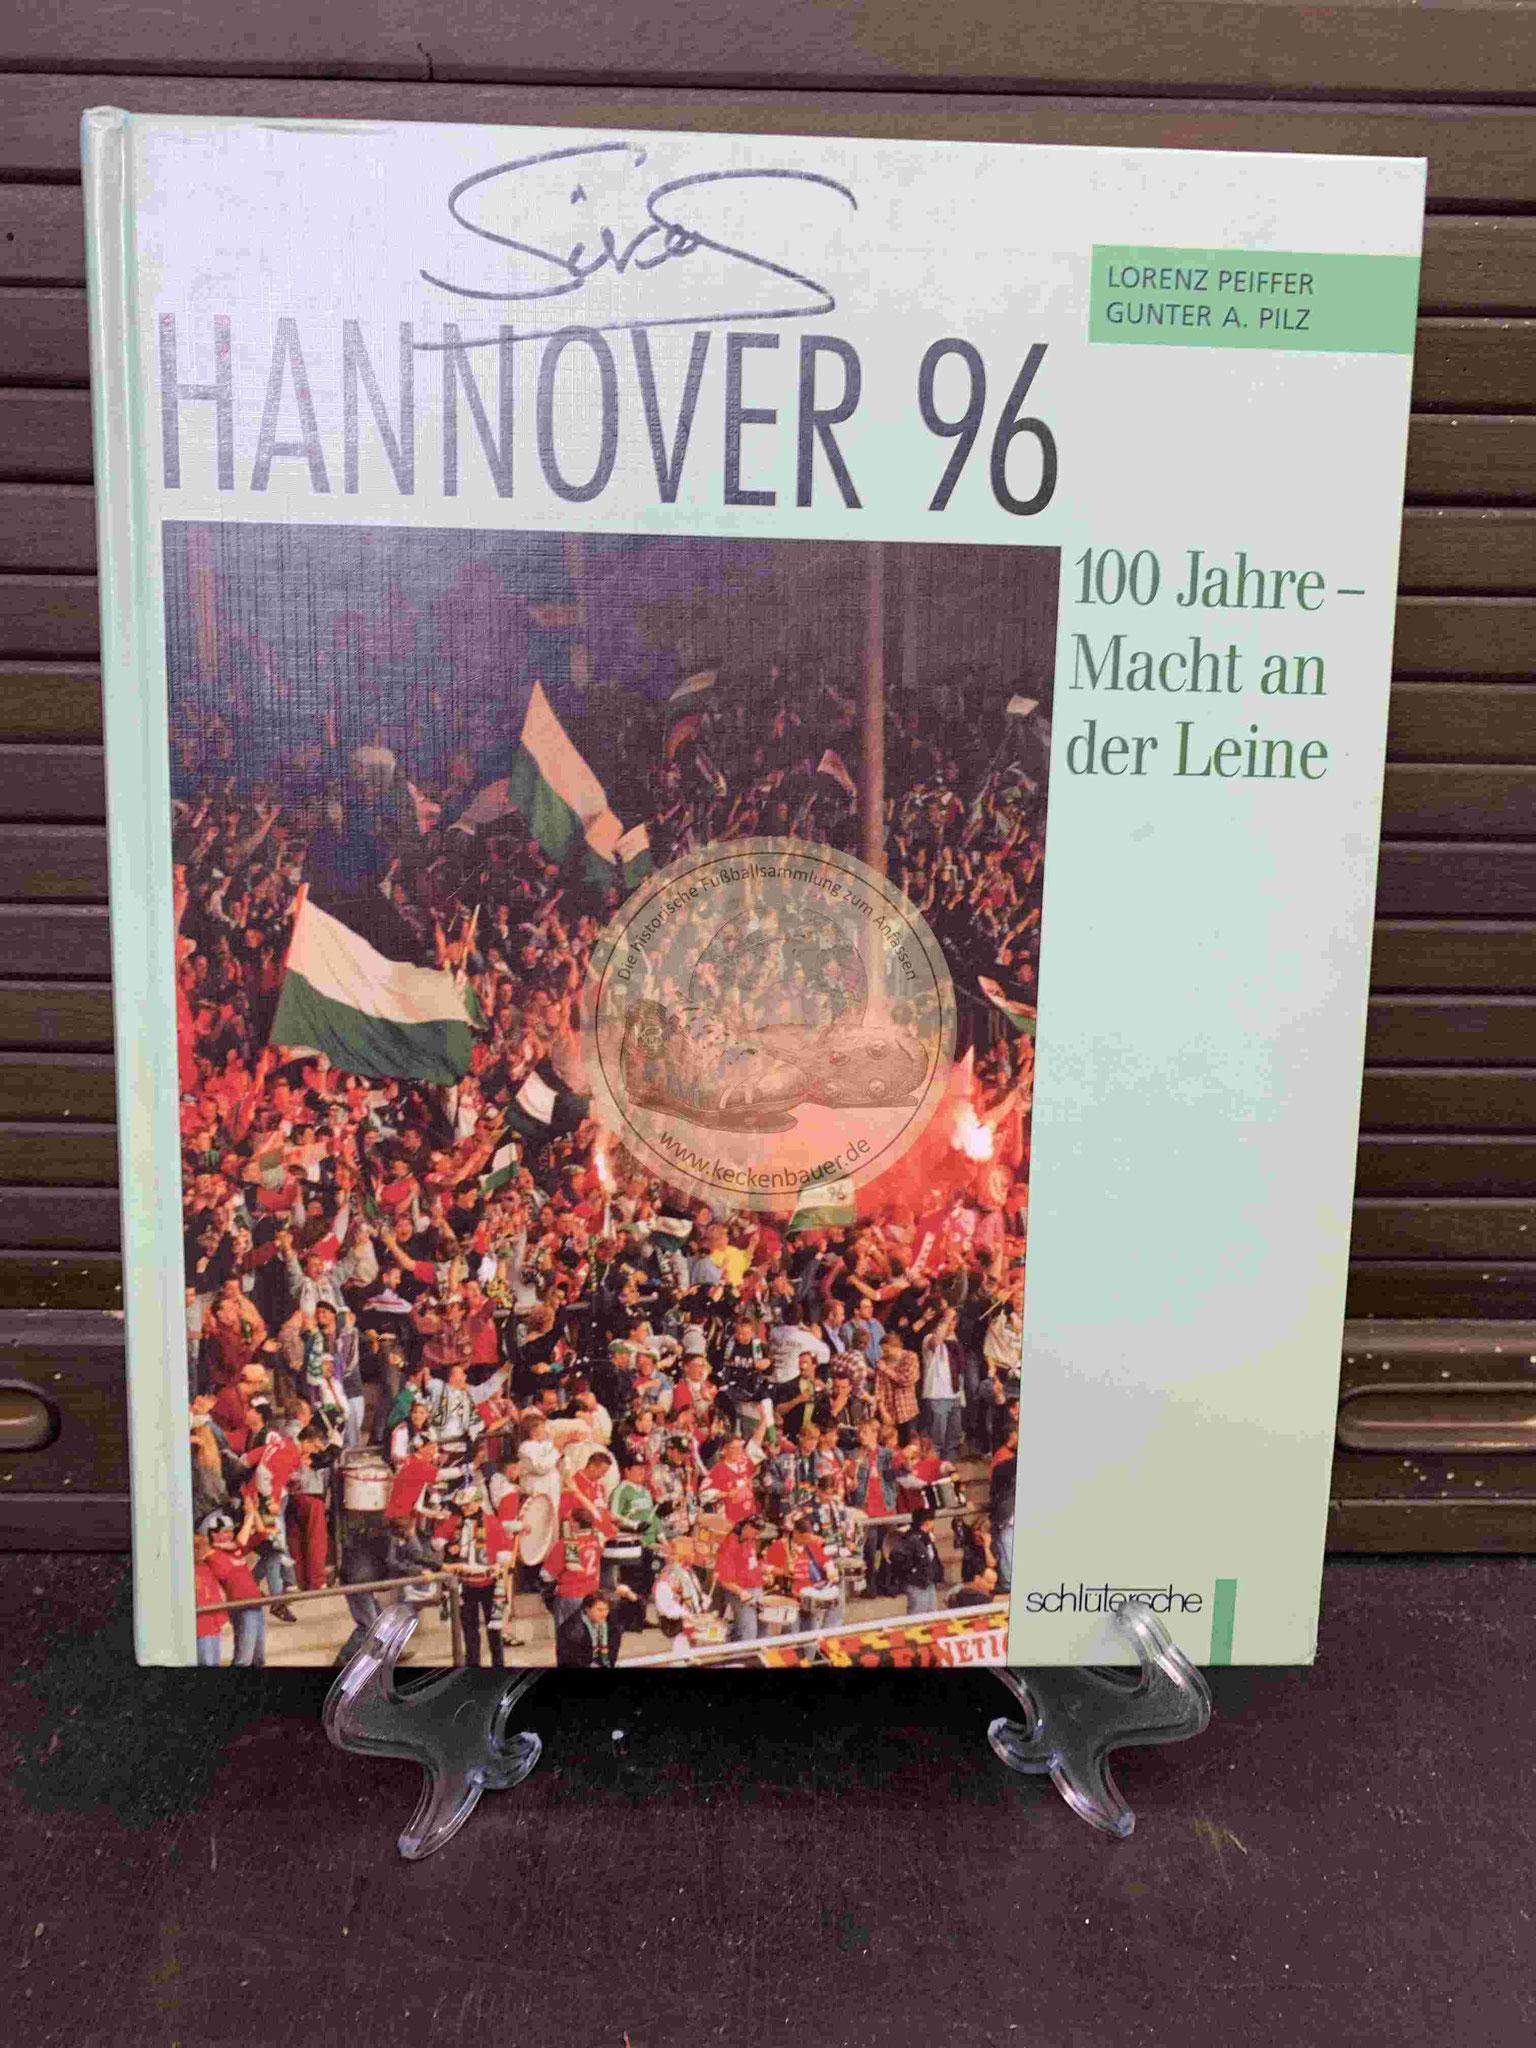 Hannover 96 100 Jahre - Macht an der Leine aus dem Jahr 1996 mit diversen Autogrammen